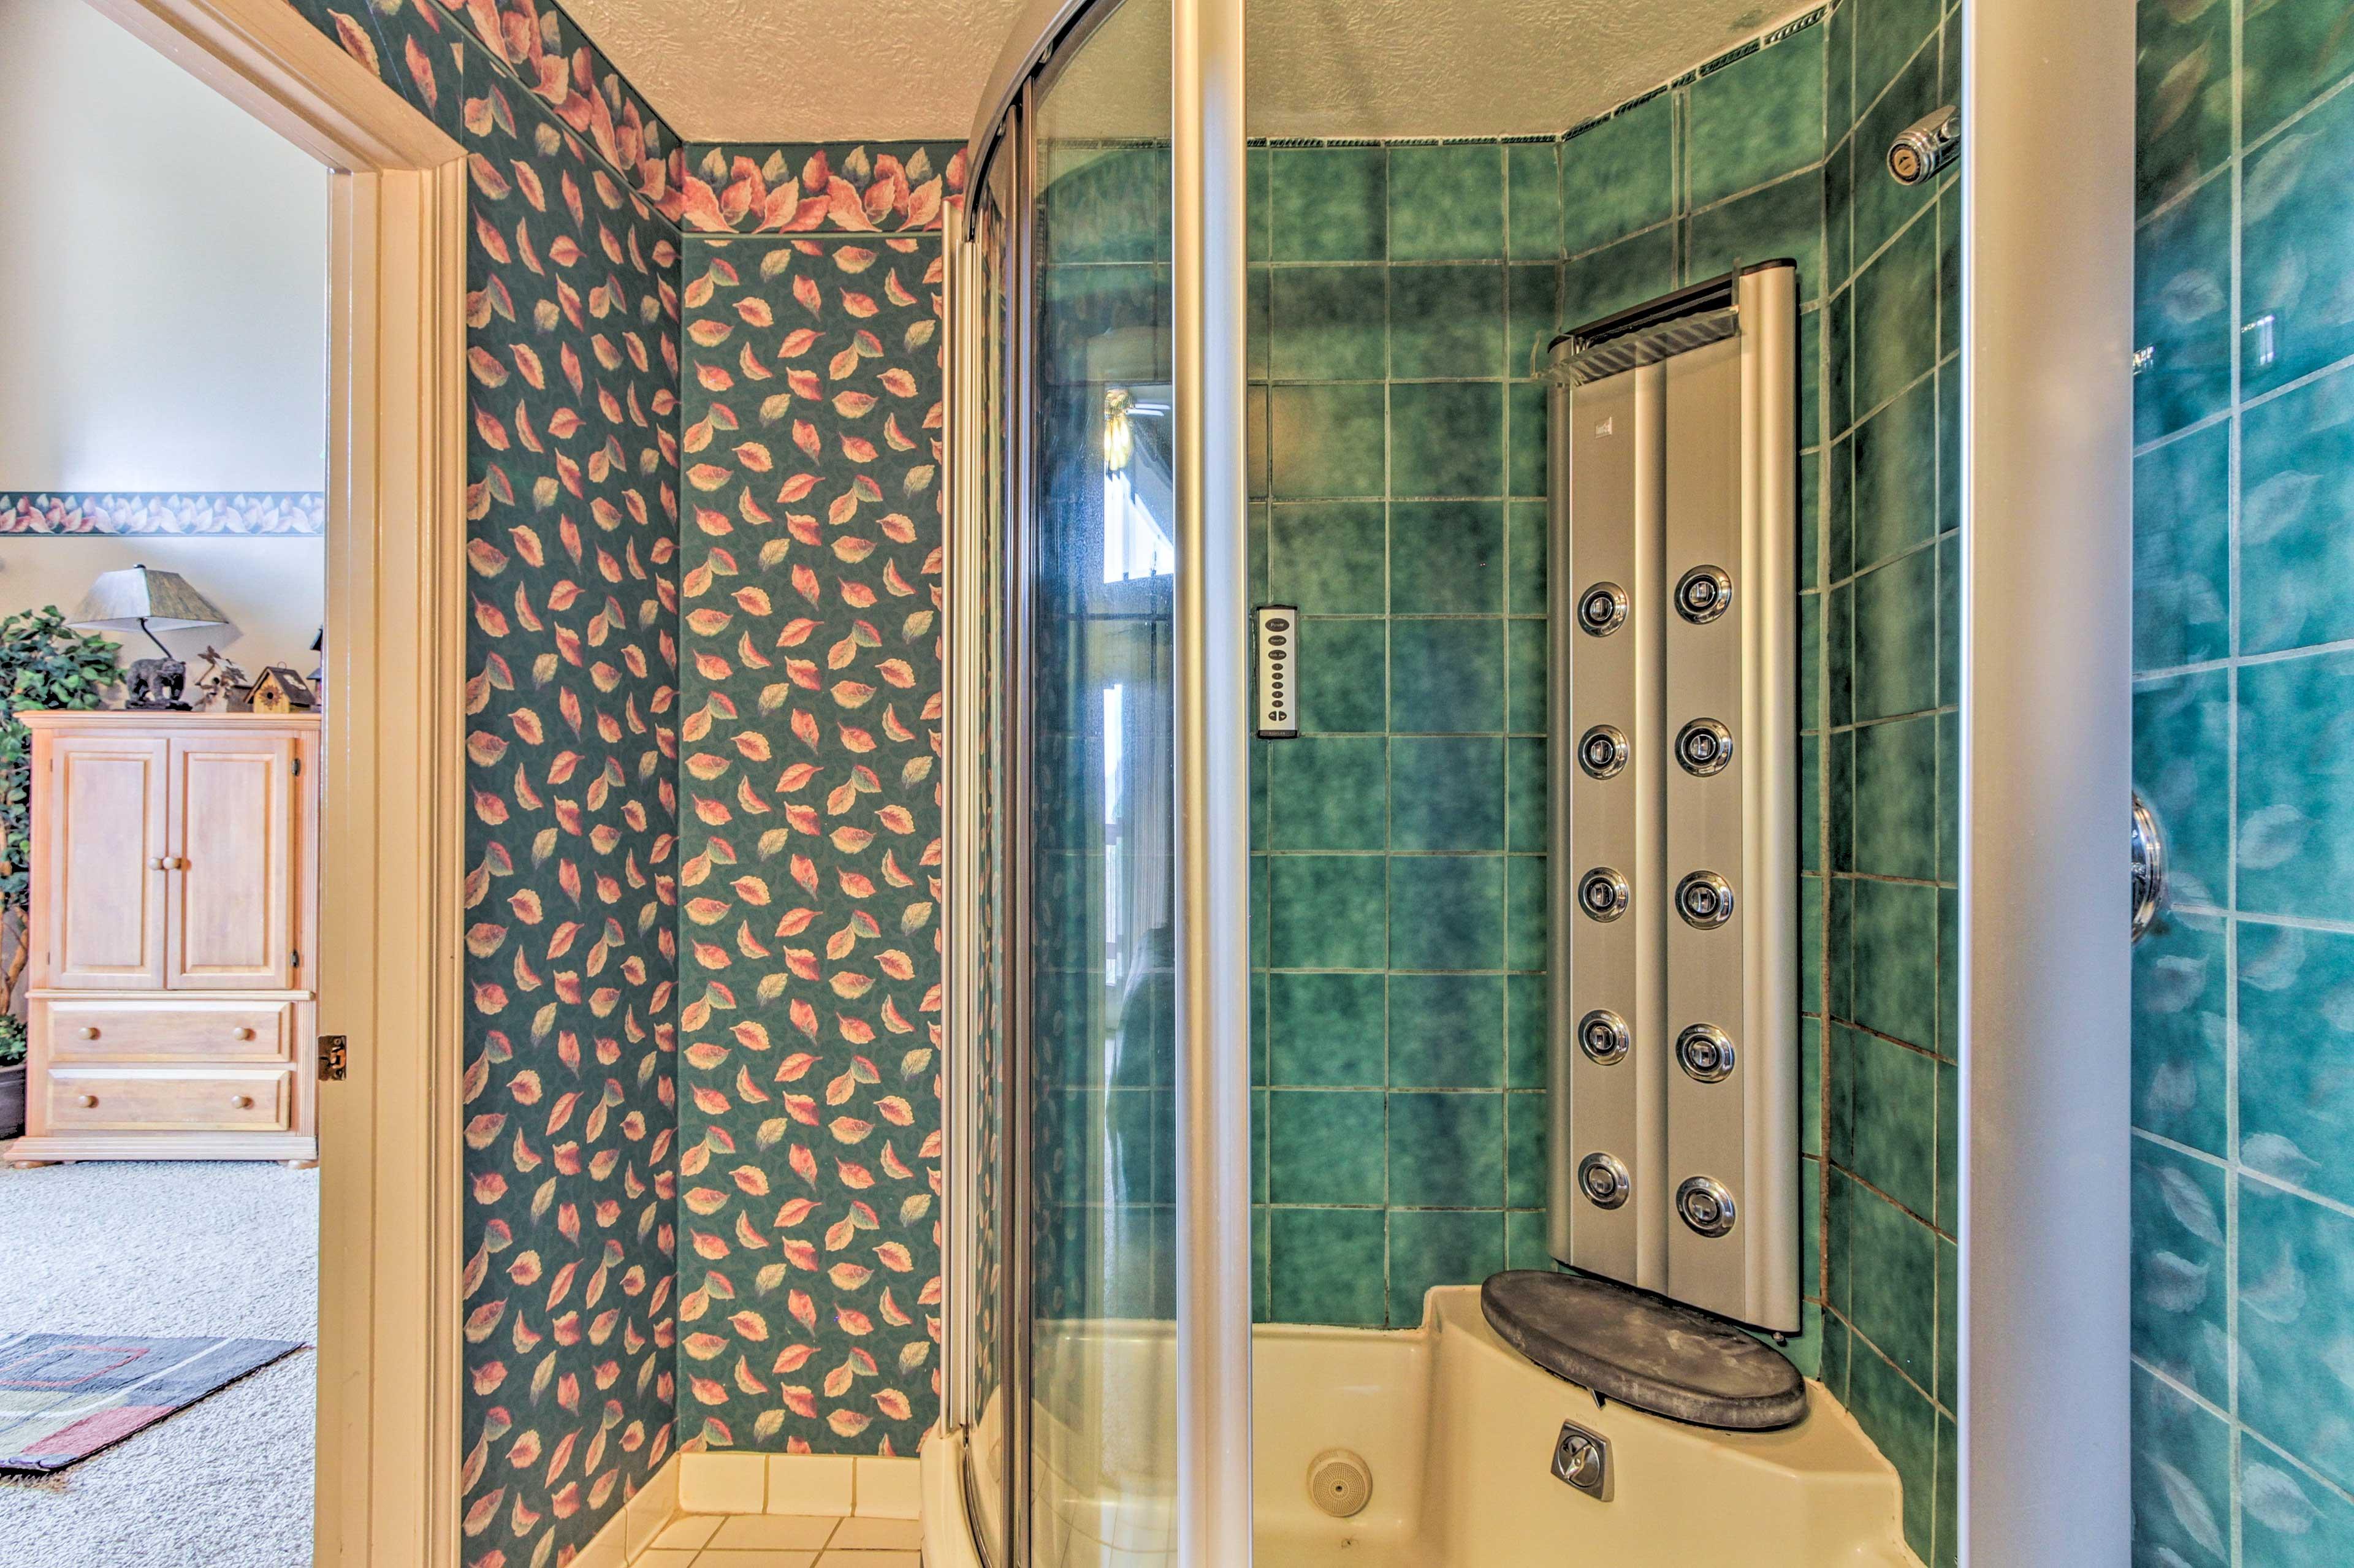 Enjoying a relaxing soak in the full-body walk-in shower.